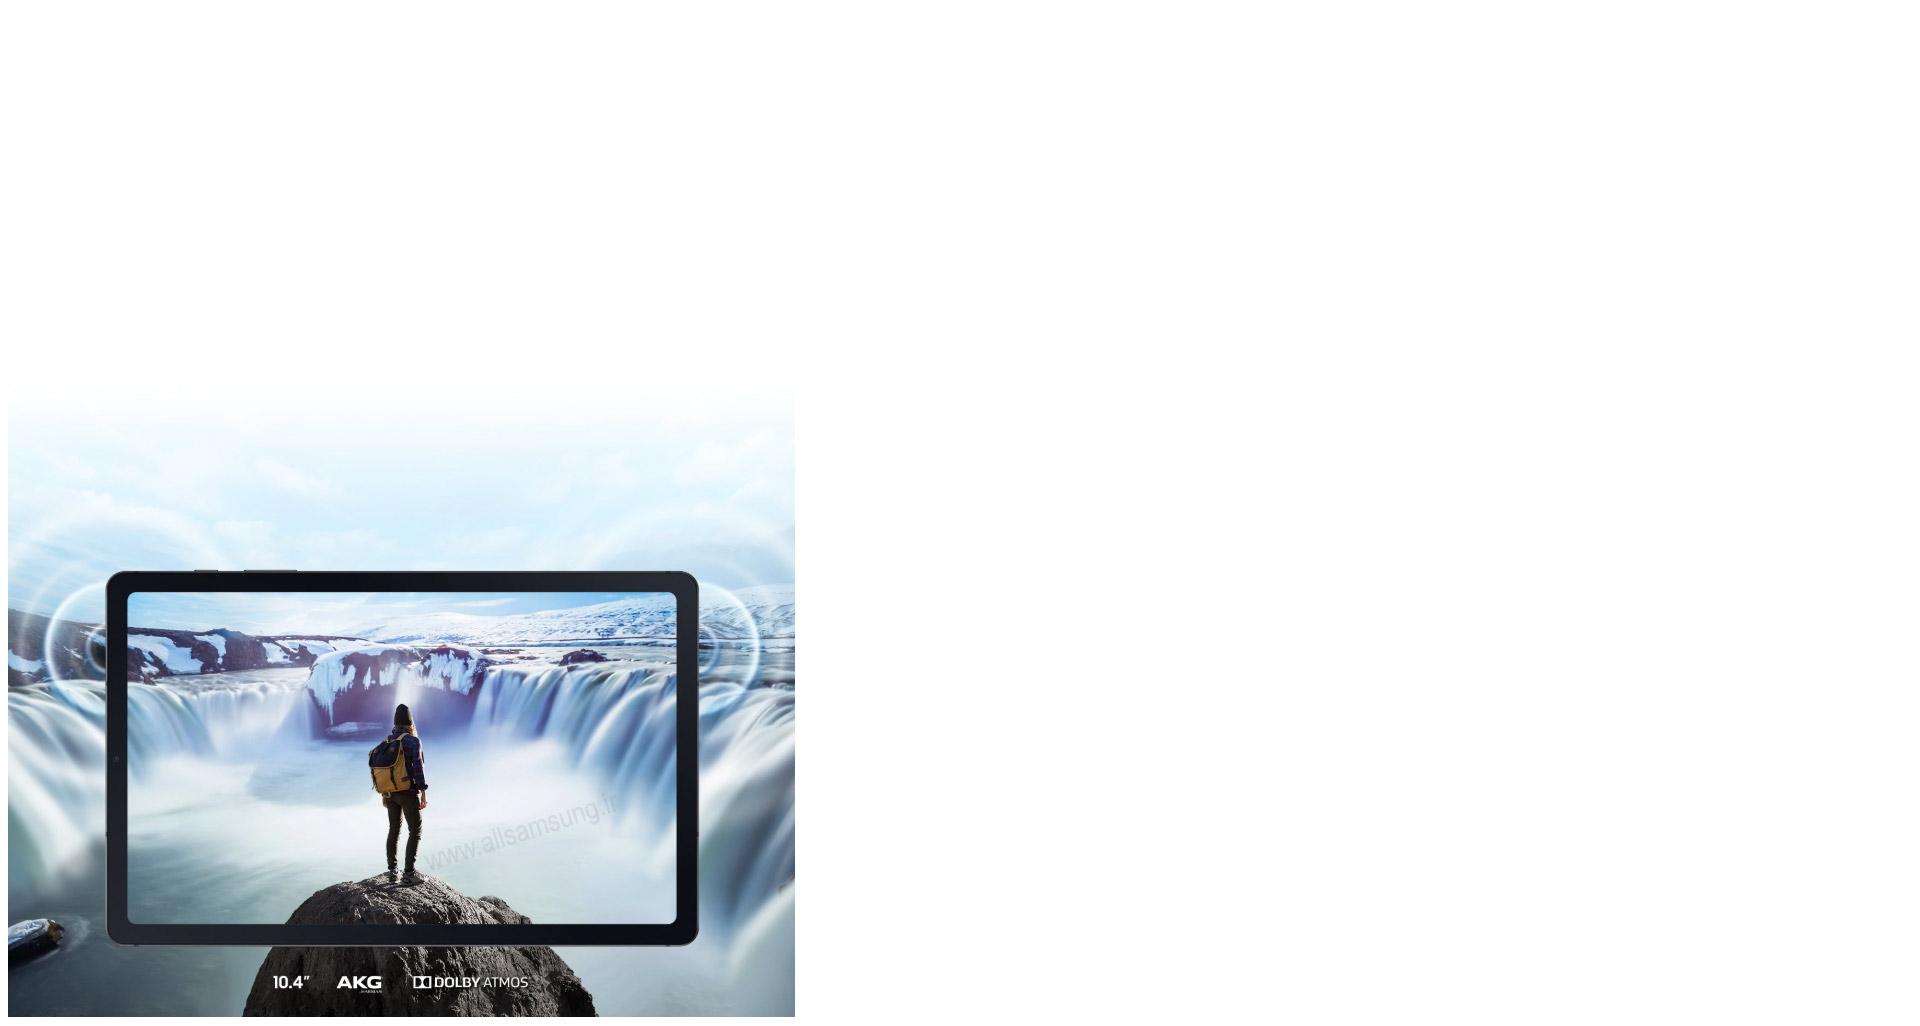 خرید Galaxy tab s6 lite